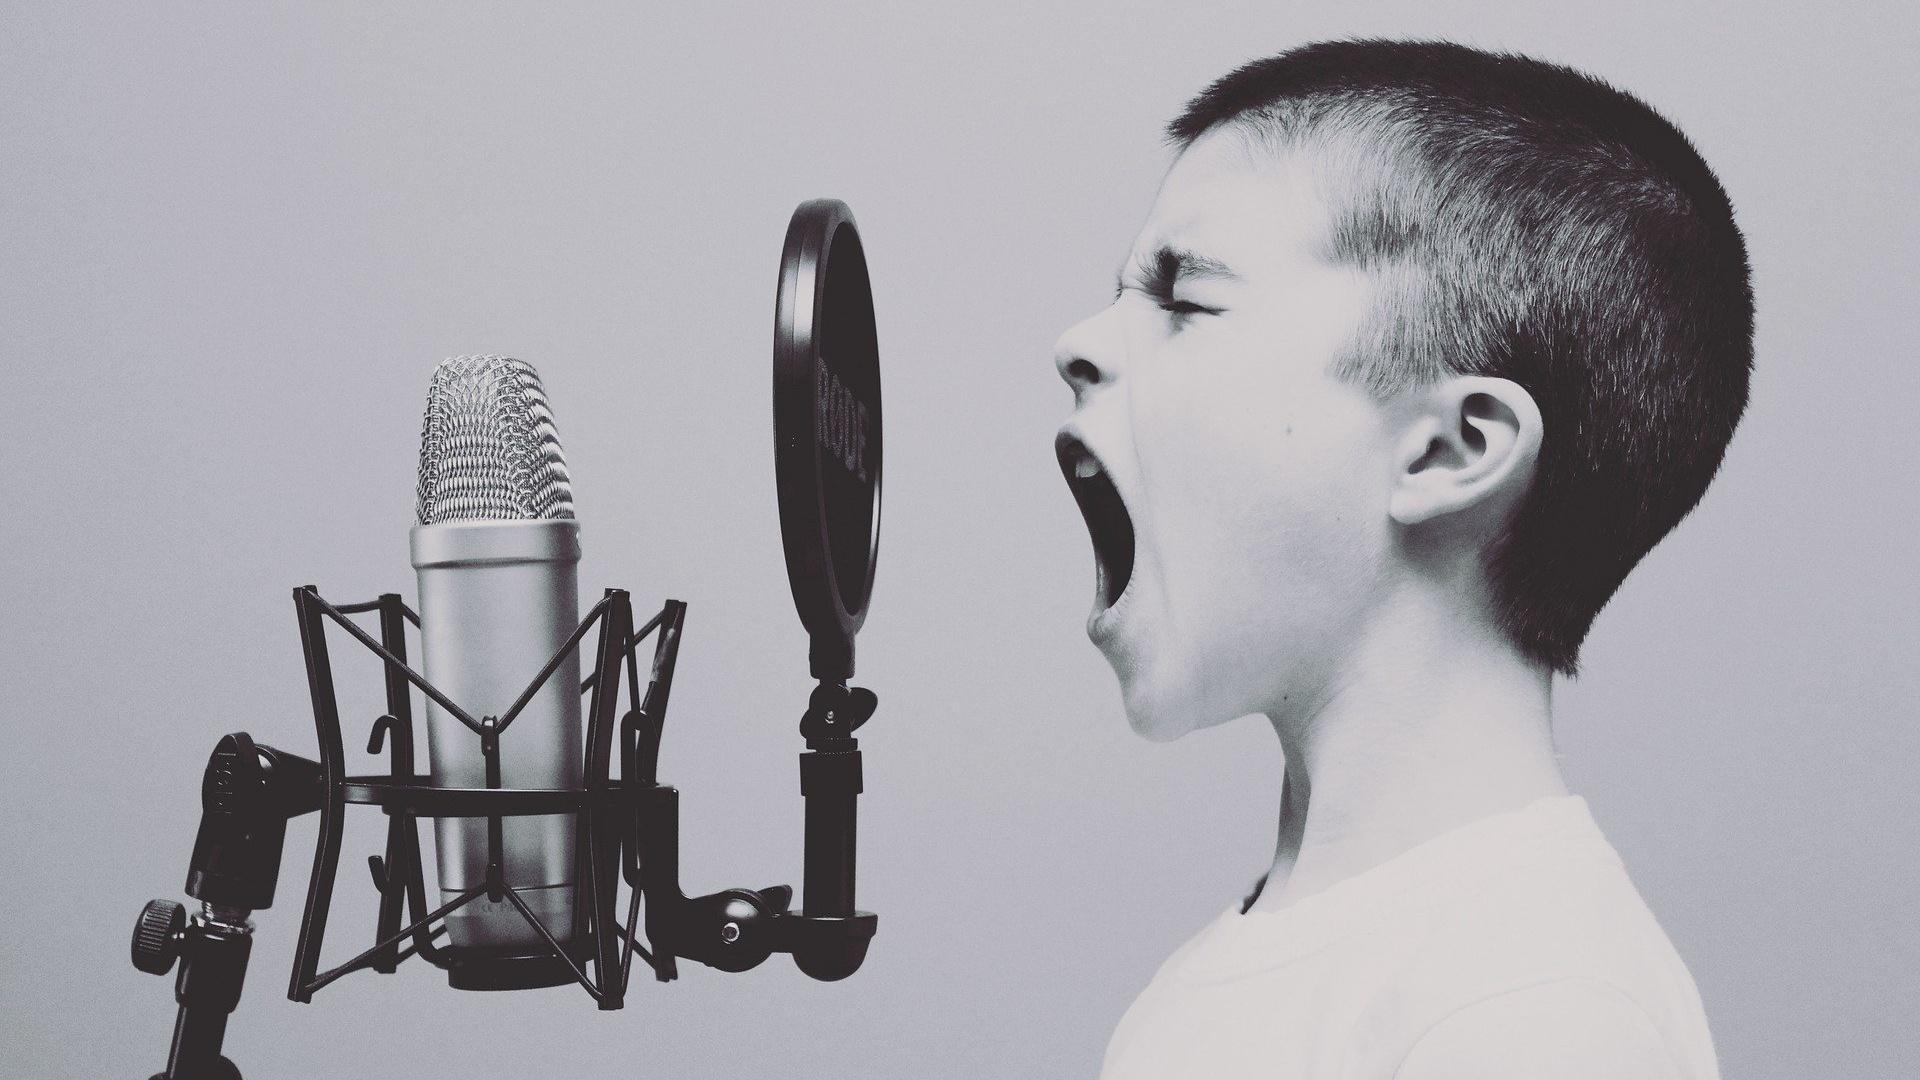 Die orale Phase kann für ein Kind gefährlich werden, wenn es die falschen Gegenstände in den Mund nimmt.